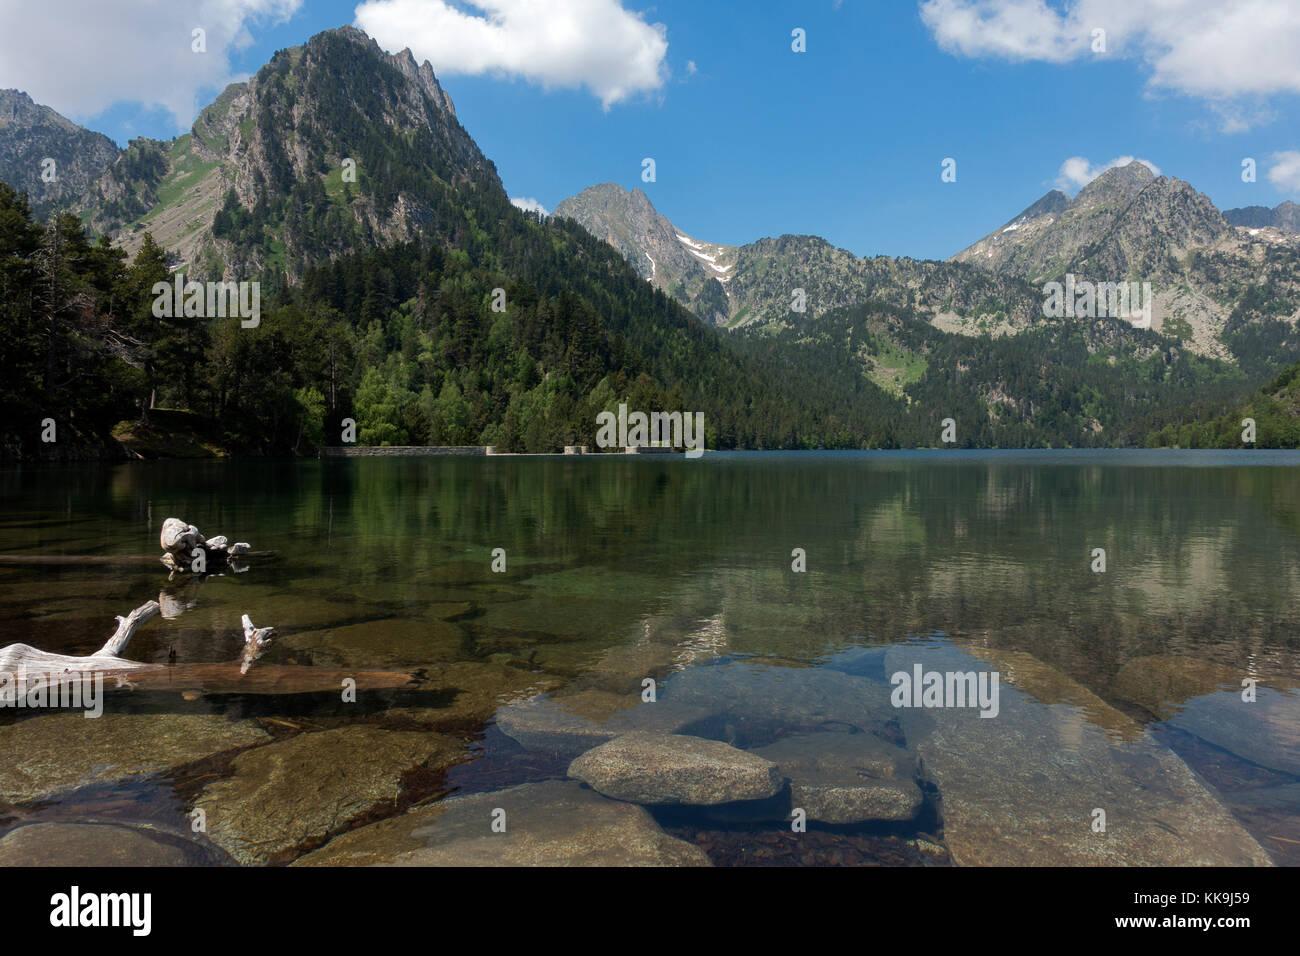 Estany de Sant Maurici.Aiguestortes National Park.Catalonia.Spain - Stock Image